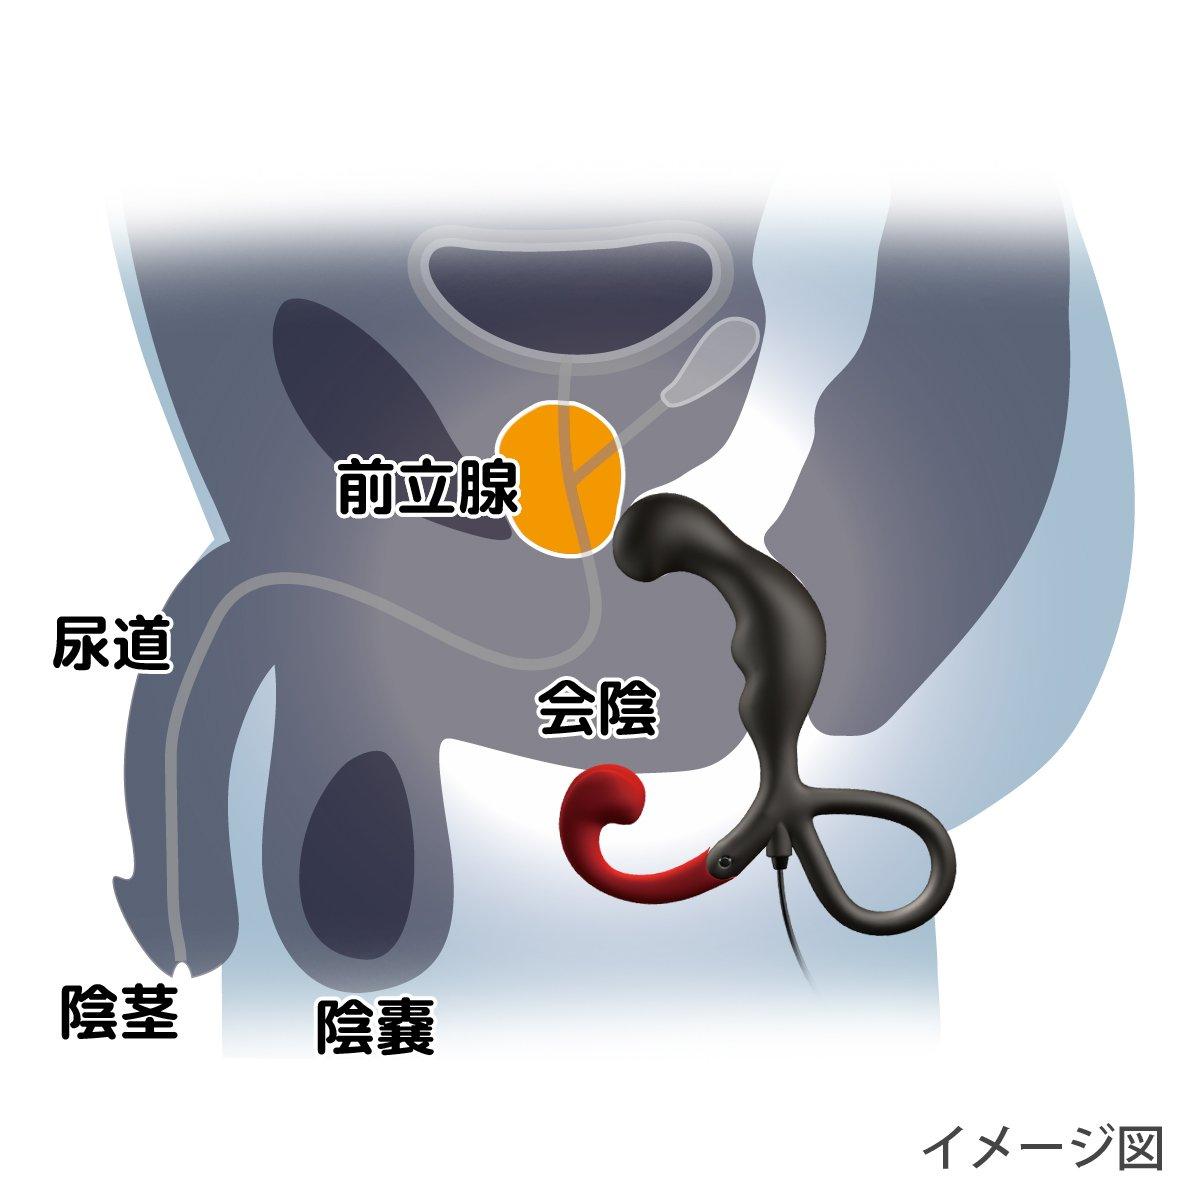 에네마블 R Type-2 POP 이미지 4